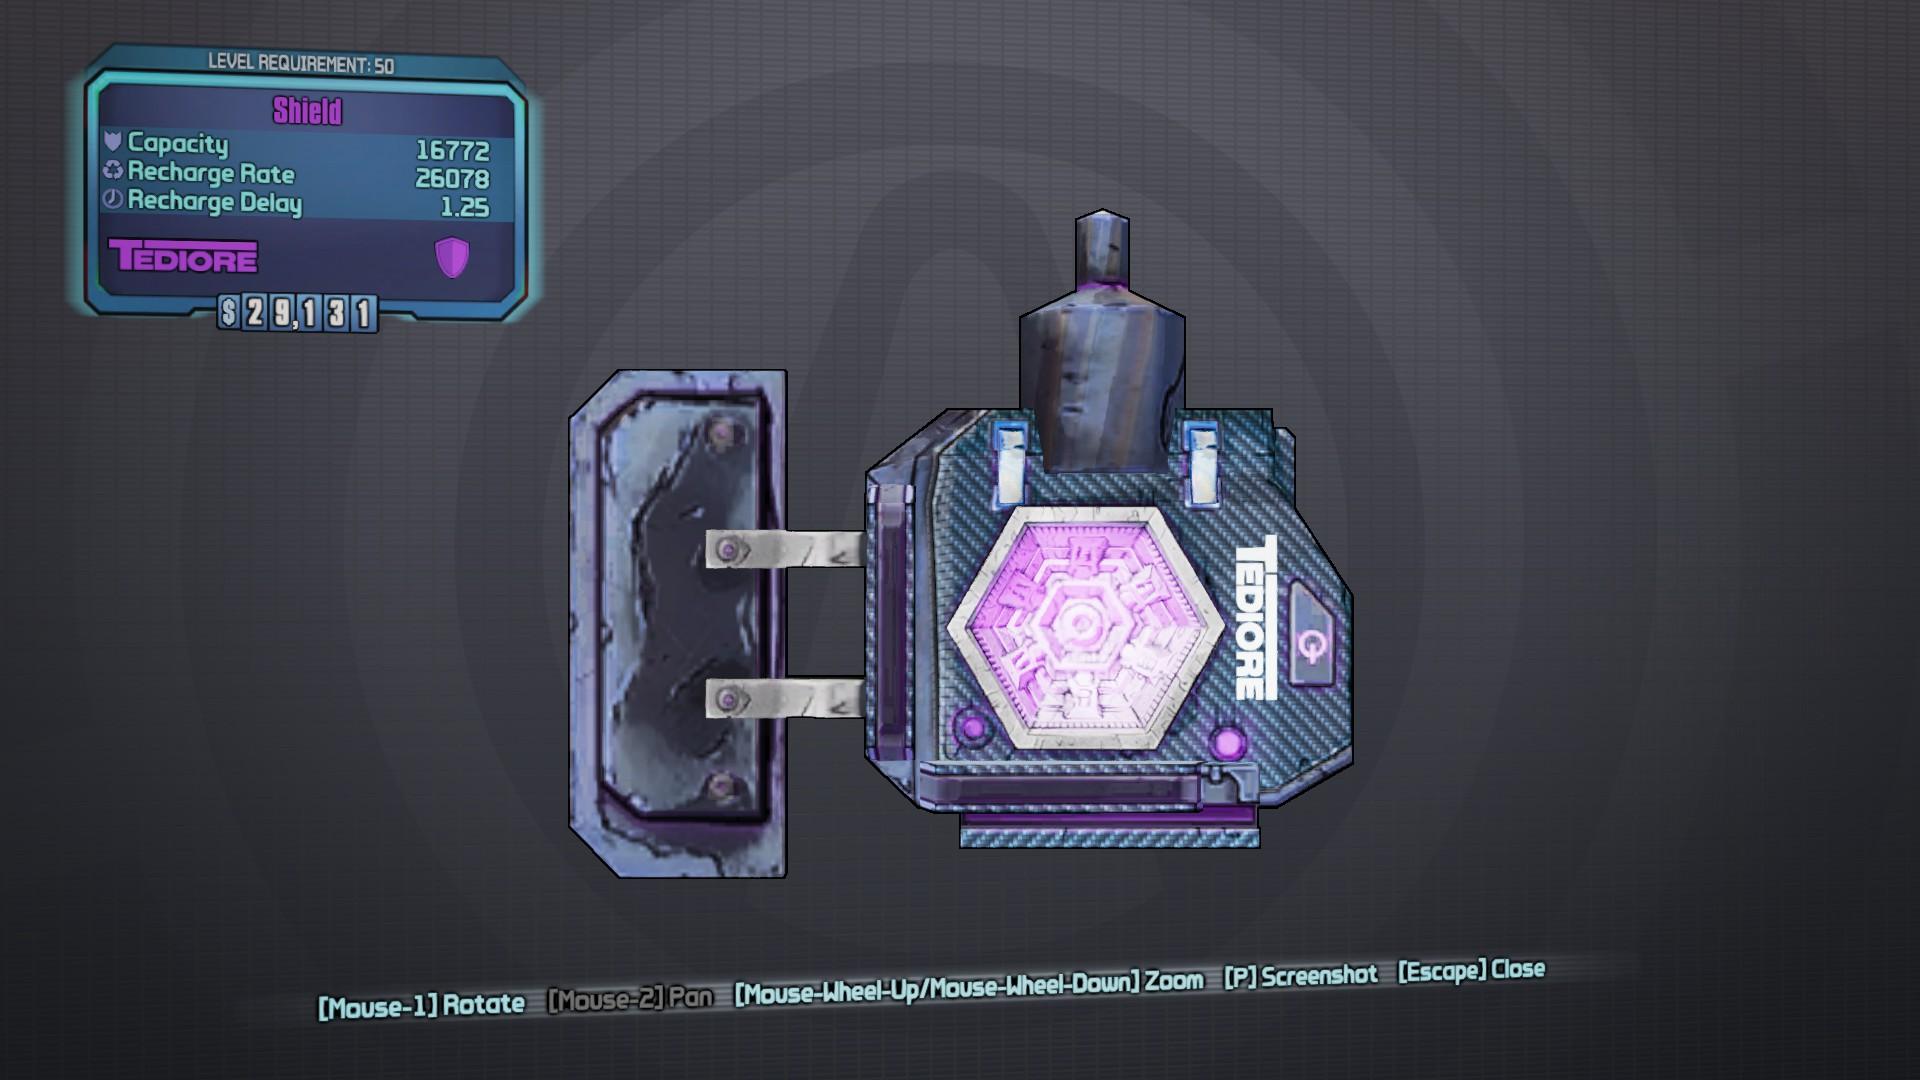 Shield (Tediore)